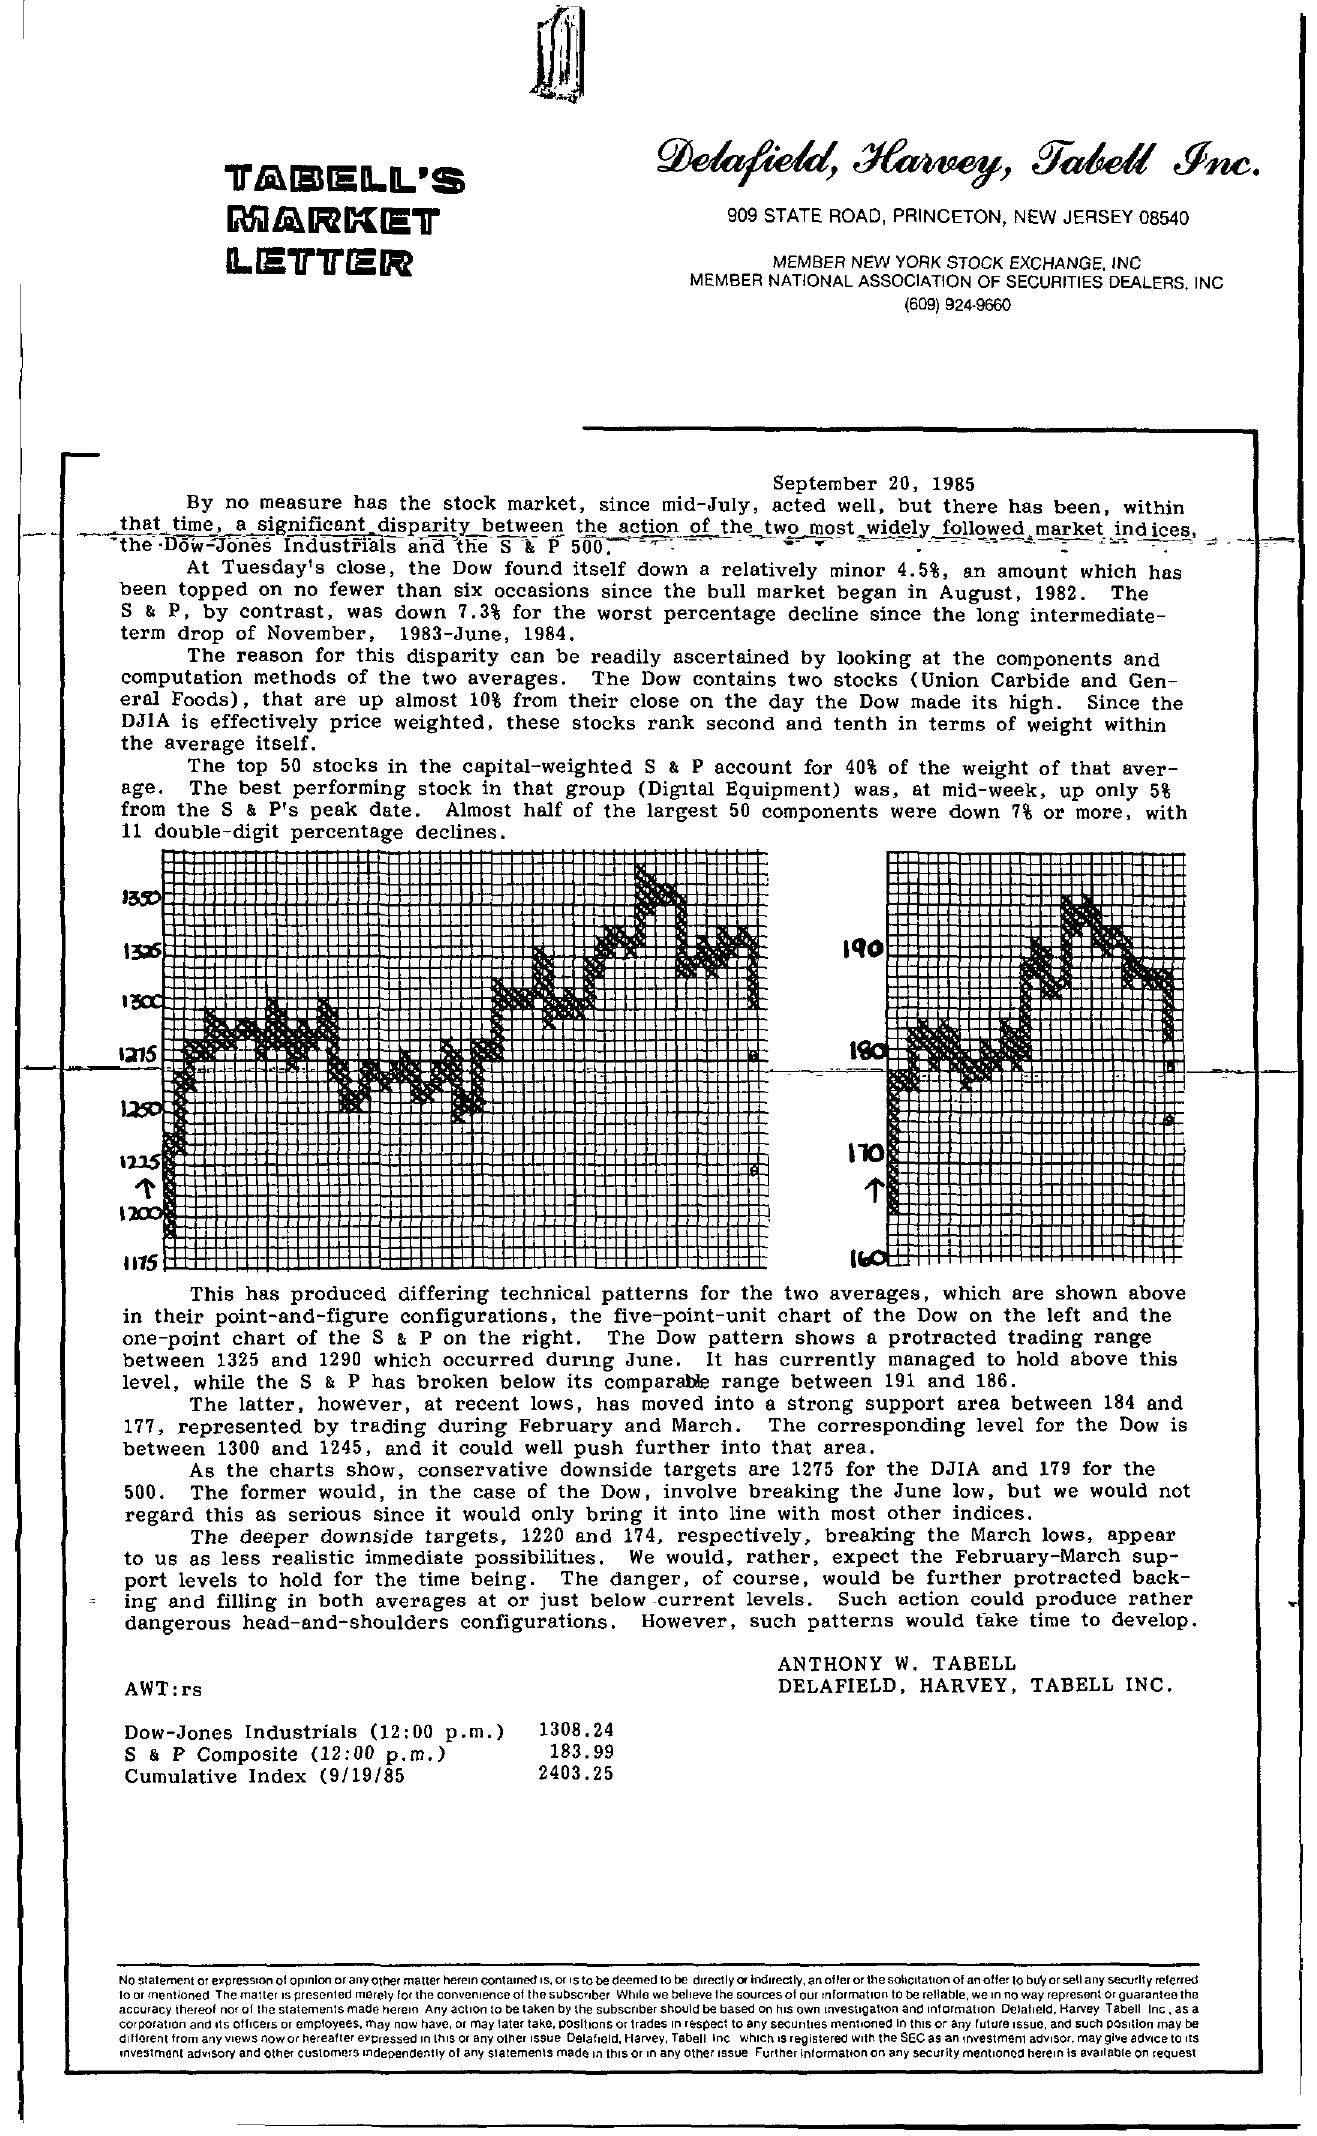 Tabell's Market Letter - September 20, 1985